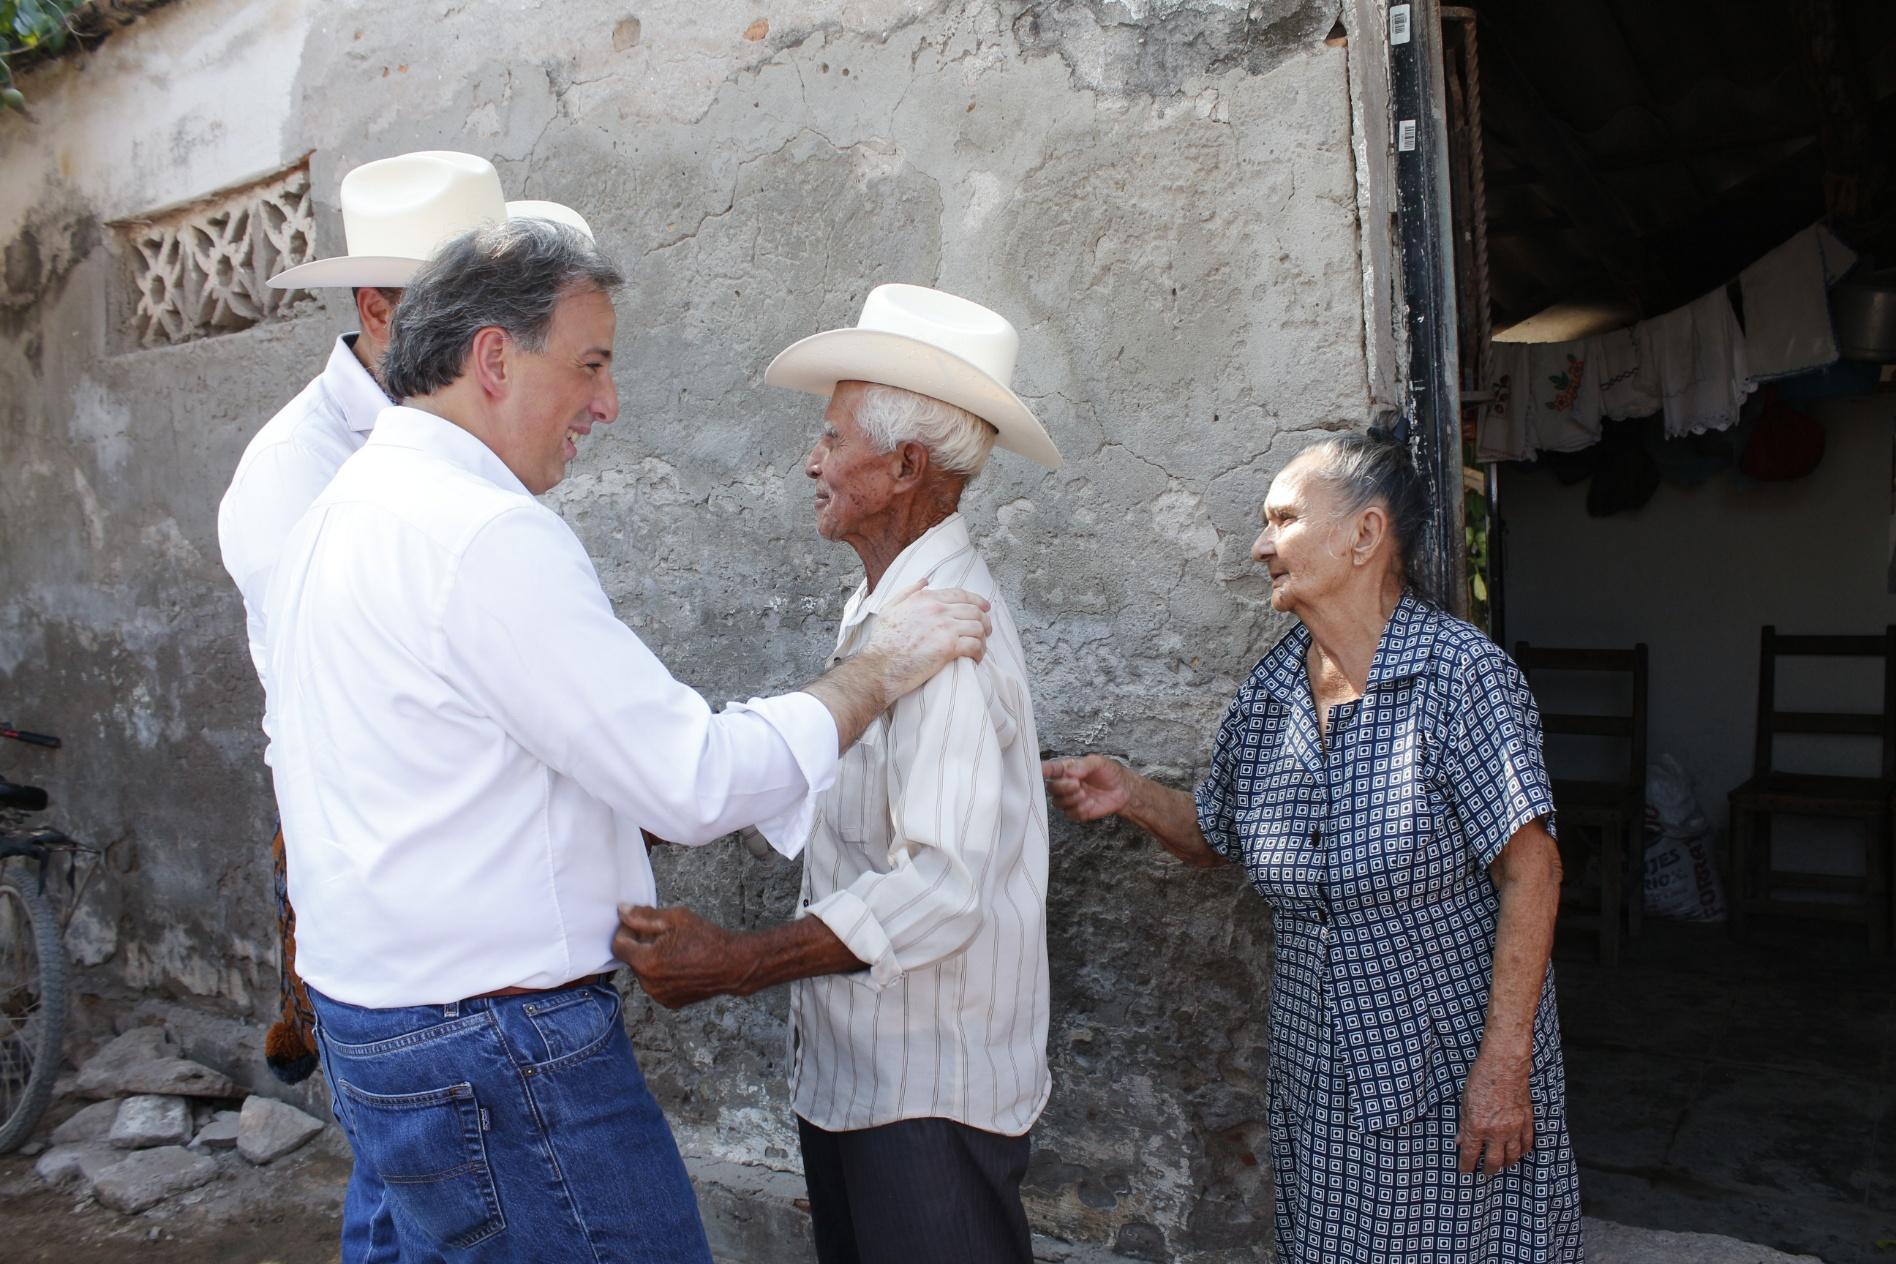 La transición digital dejará a familias mexicanas ahorros anuales por mil 638 millones de pesos